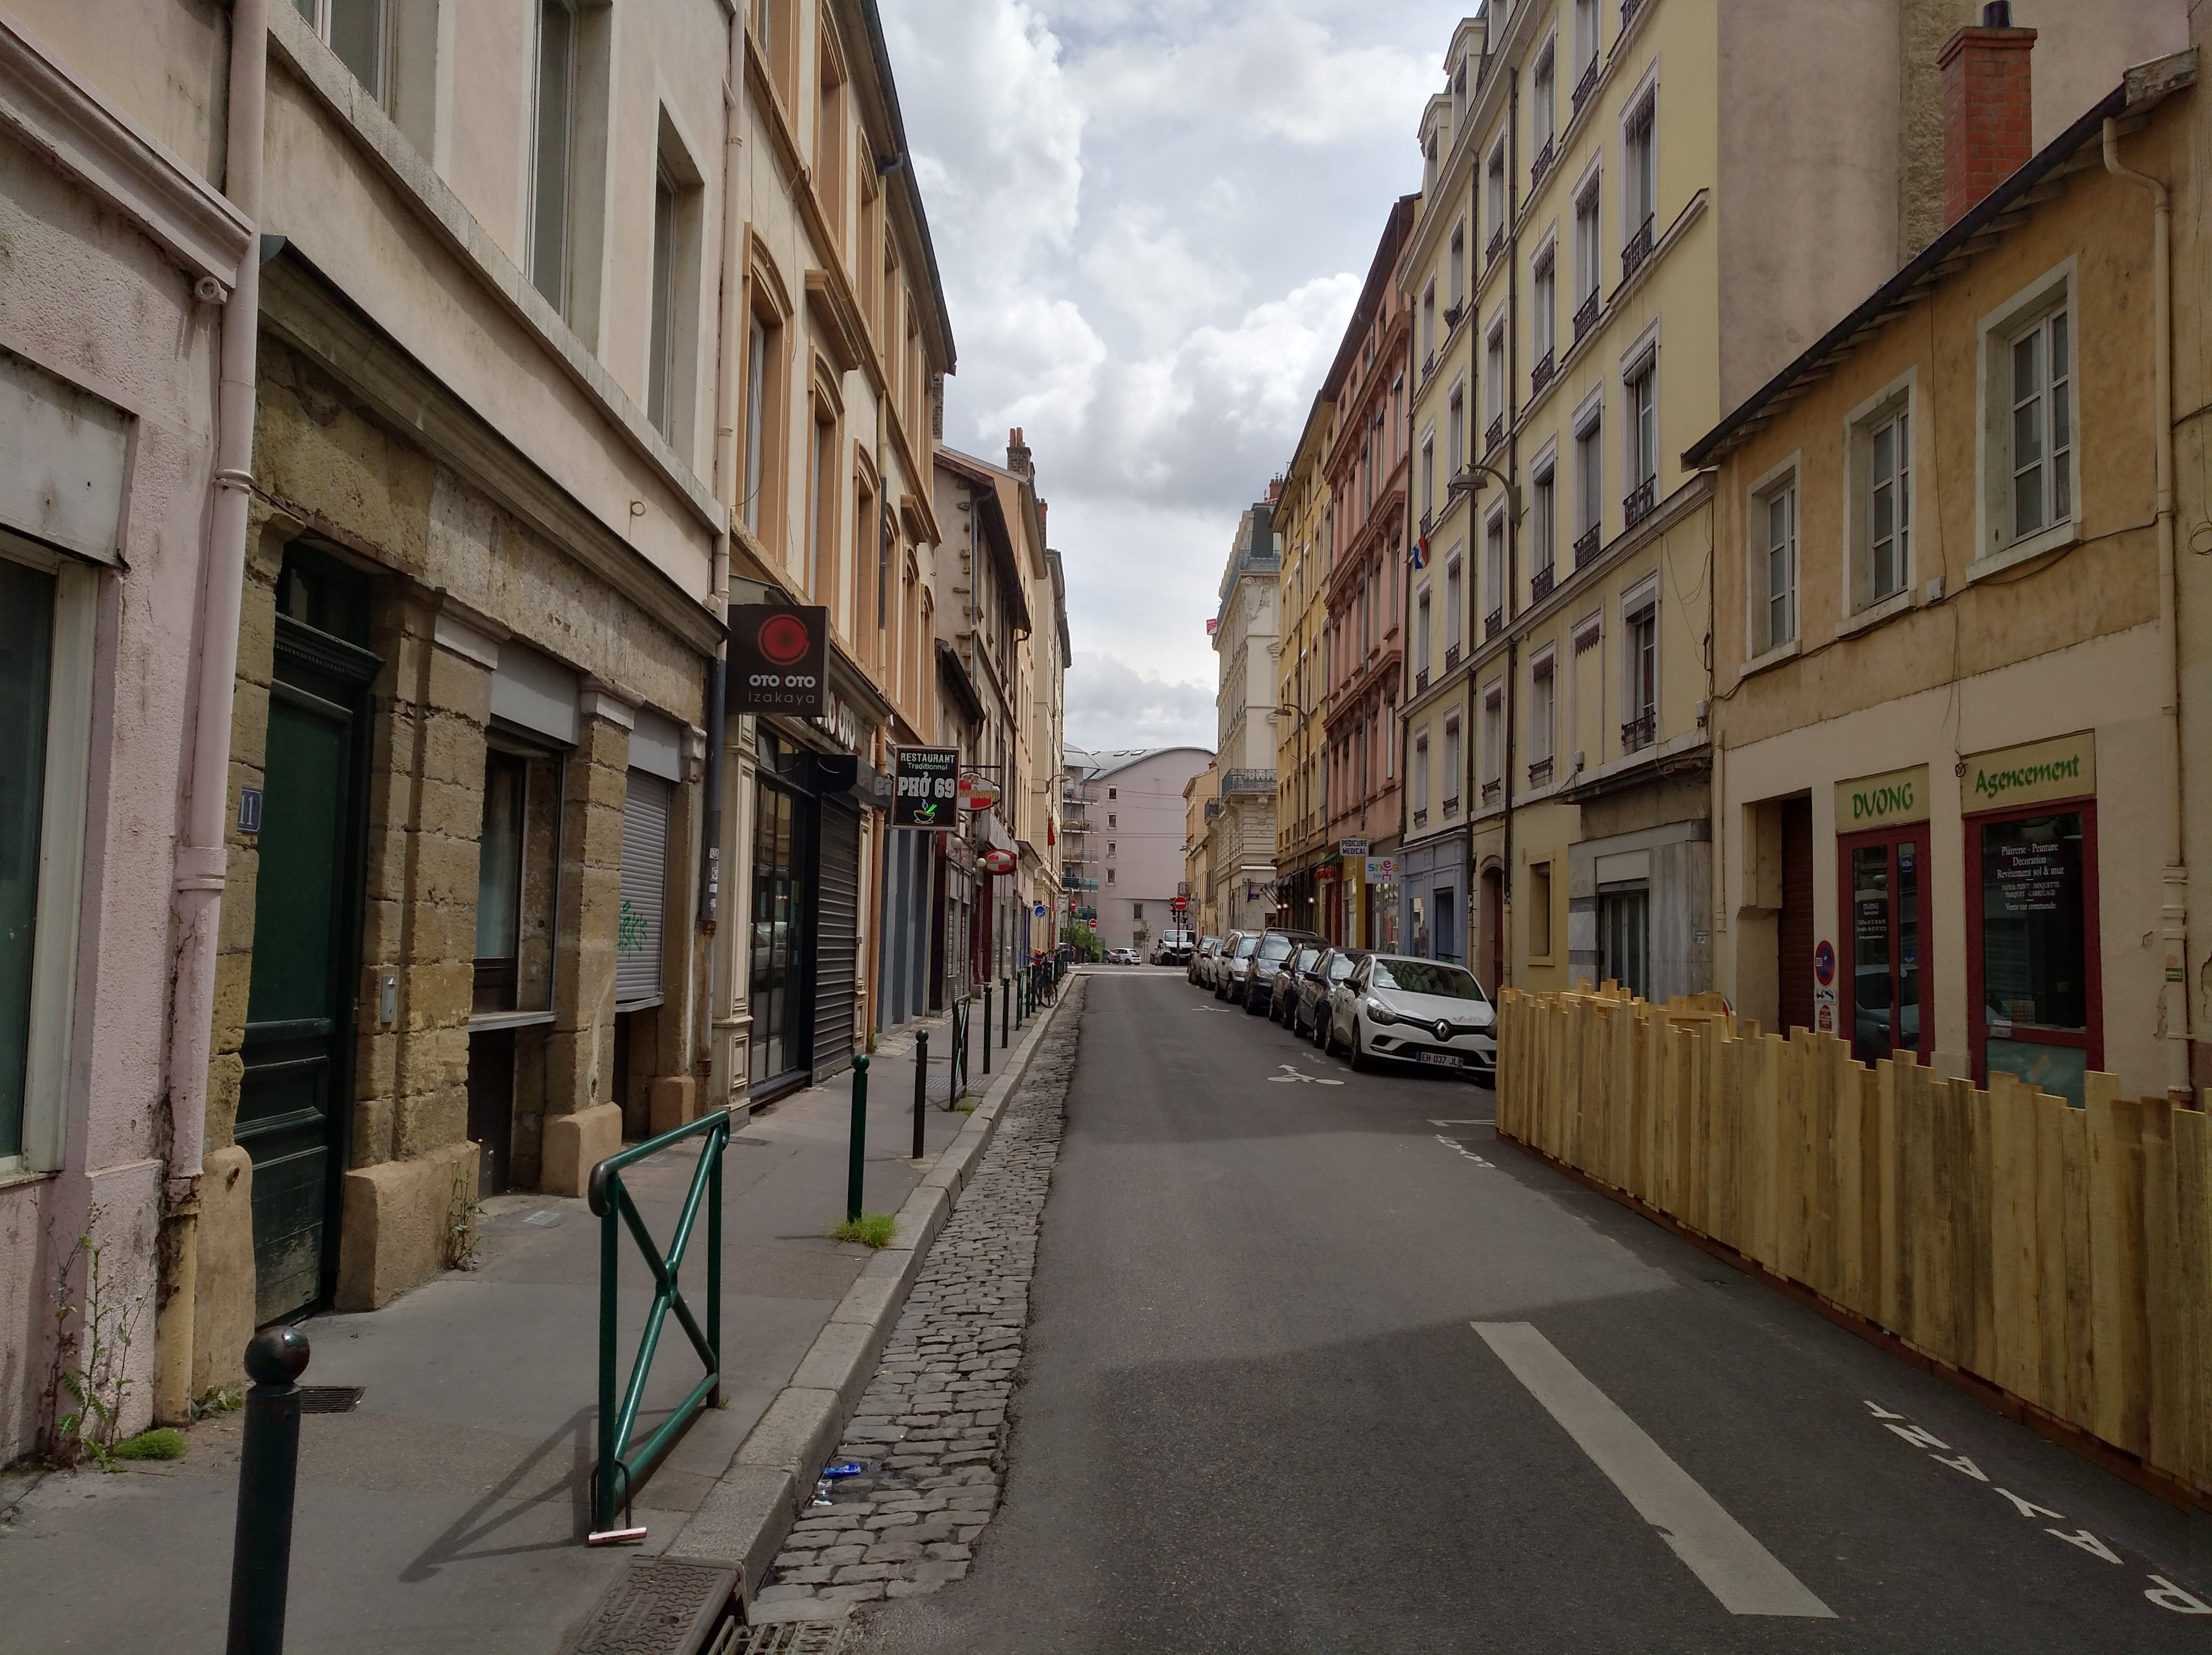 Revetement De Sol Original file:lyon 7e - rue d'aguesseau direction est (mai 2019)